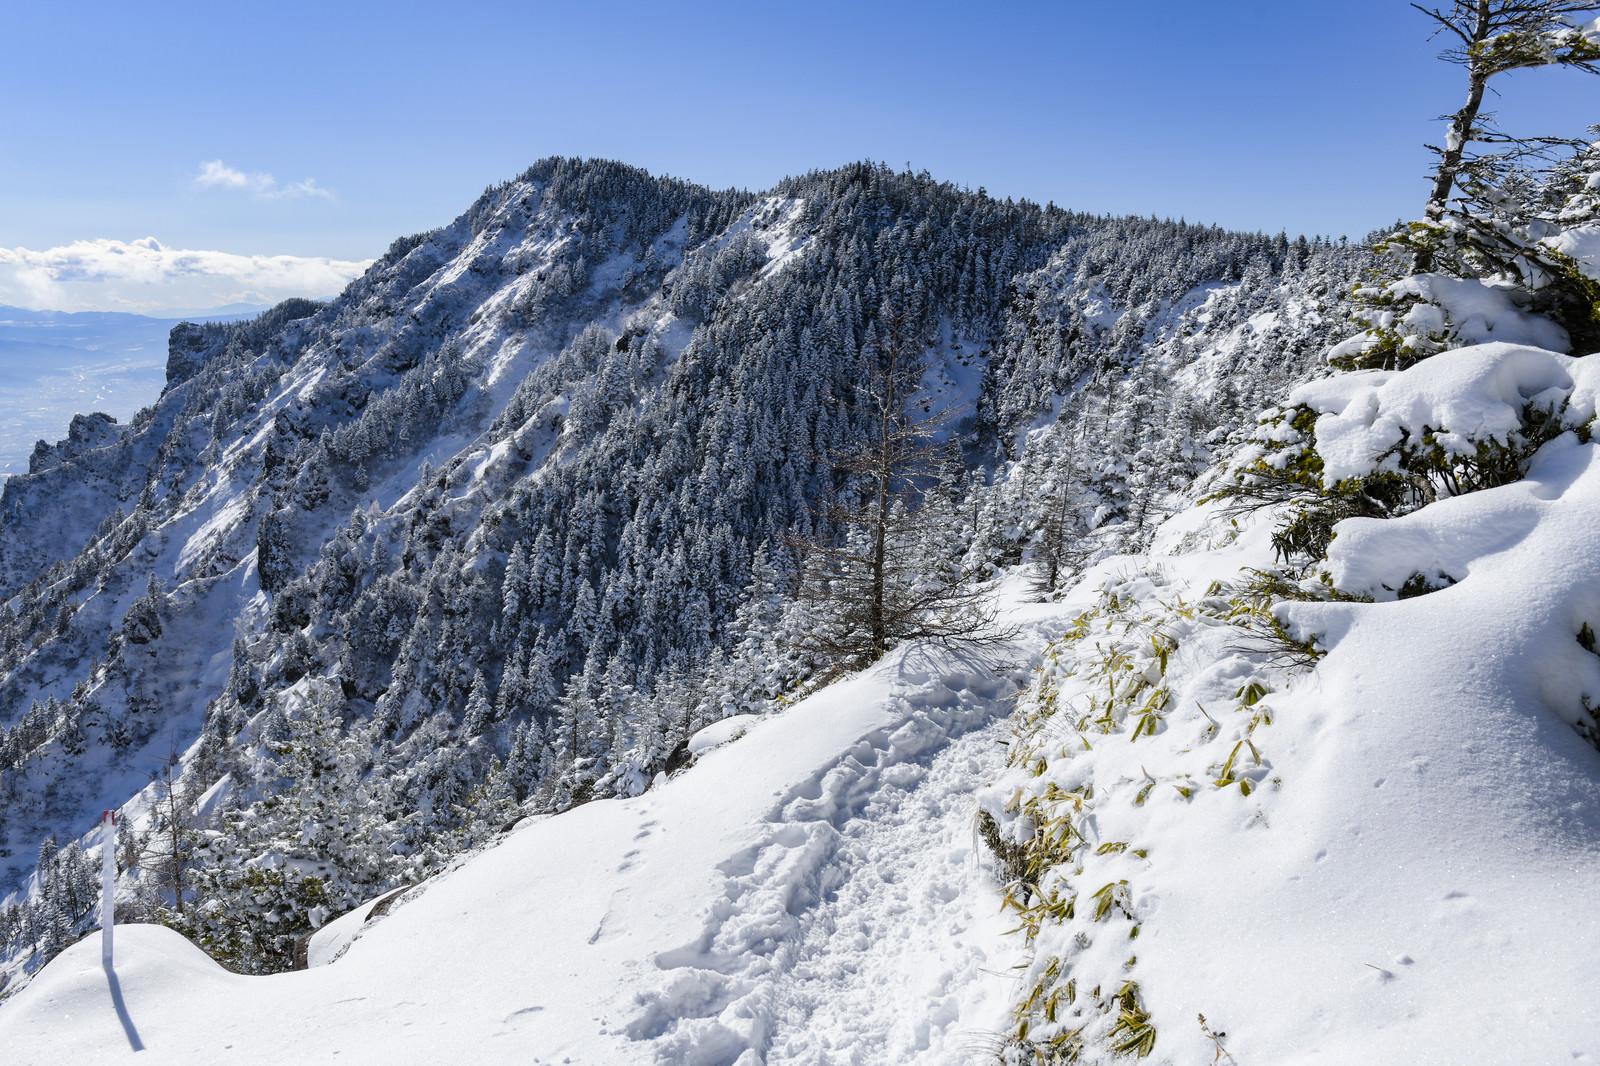 「蛇骨山へと向かう稜線から見る黒斑山(浅間山)」の写真